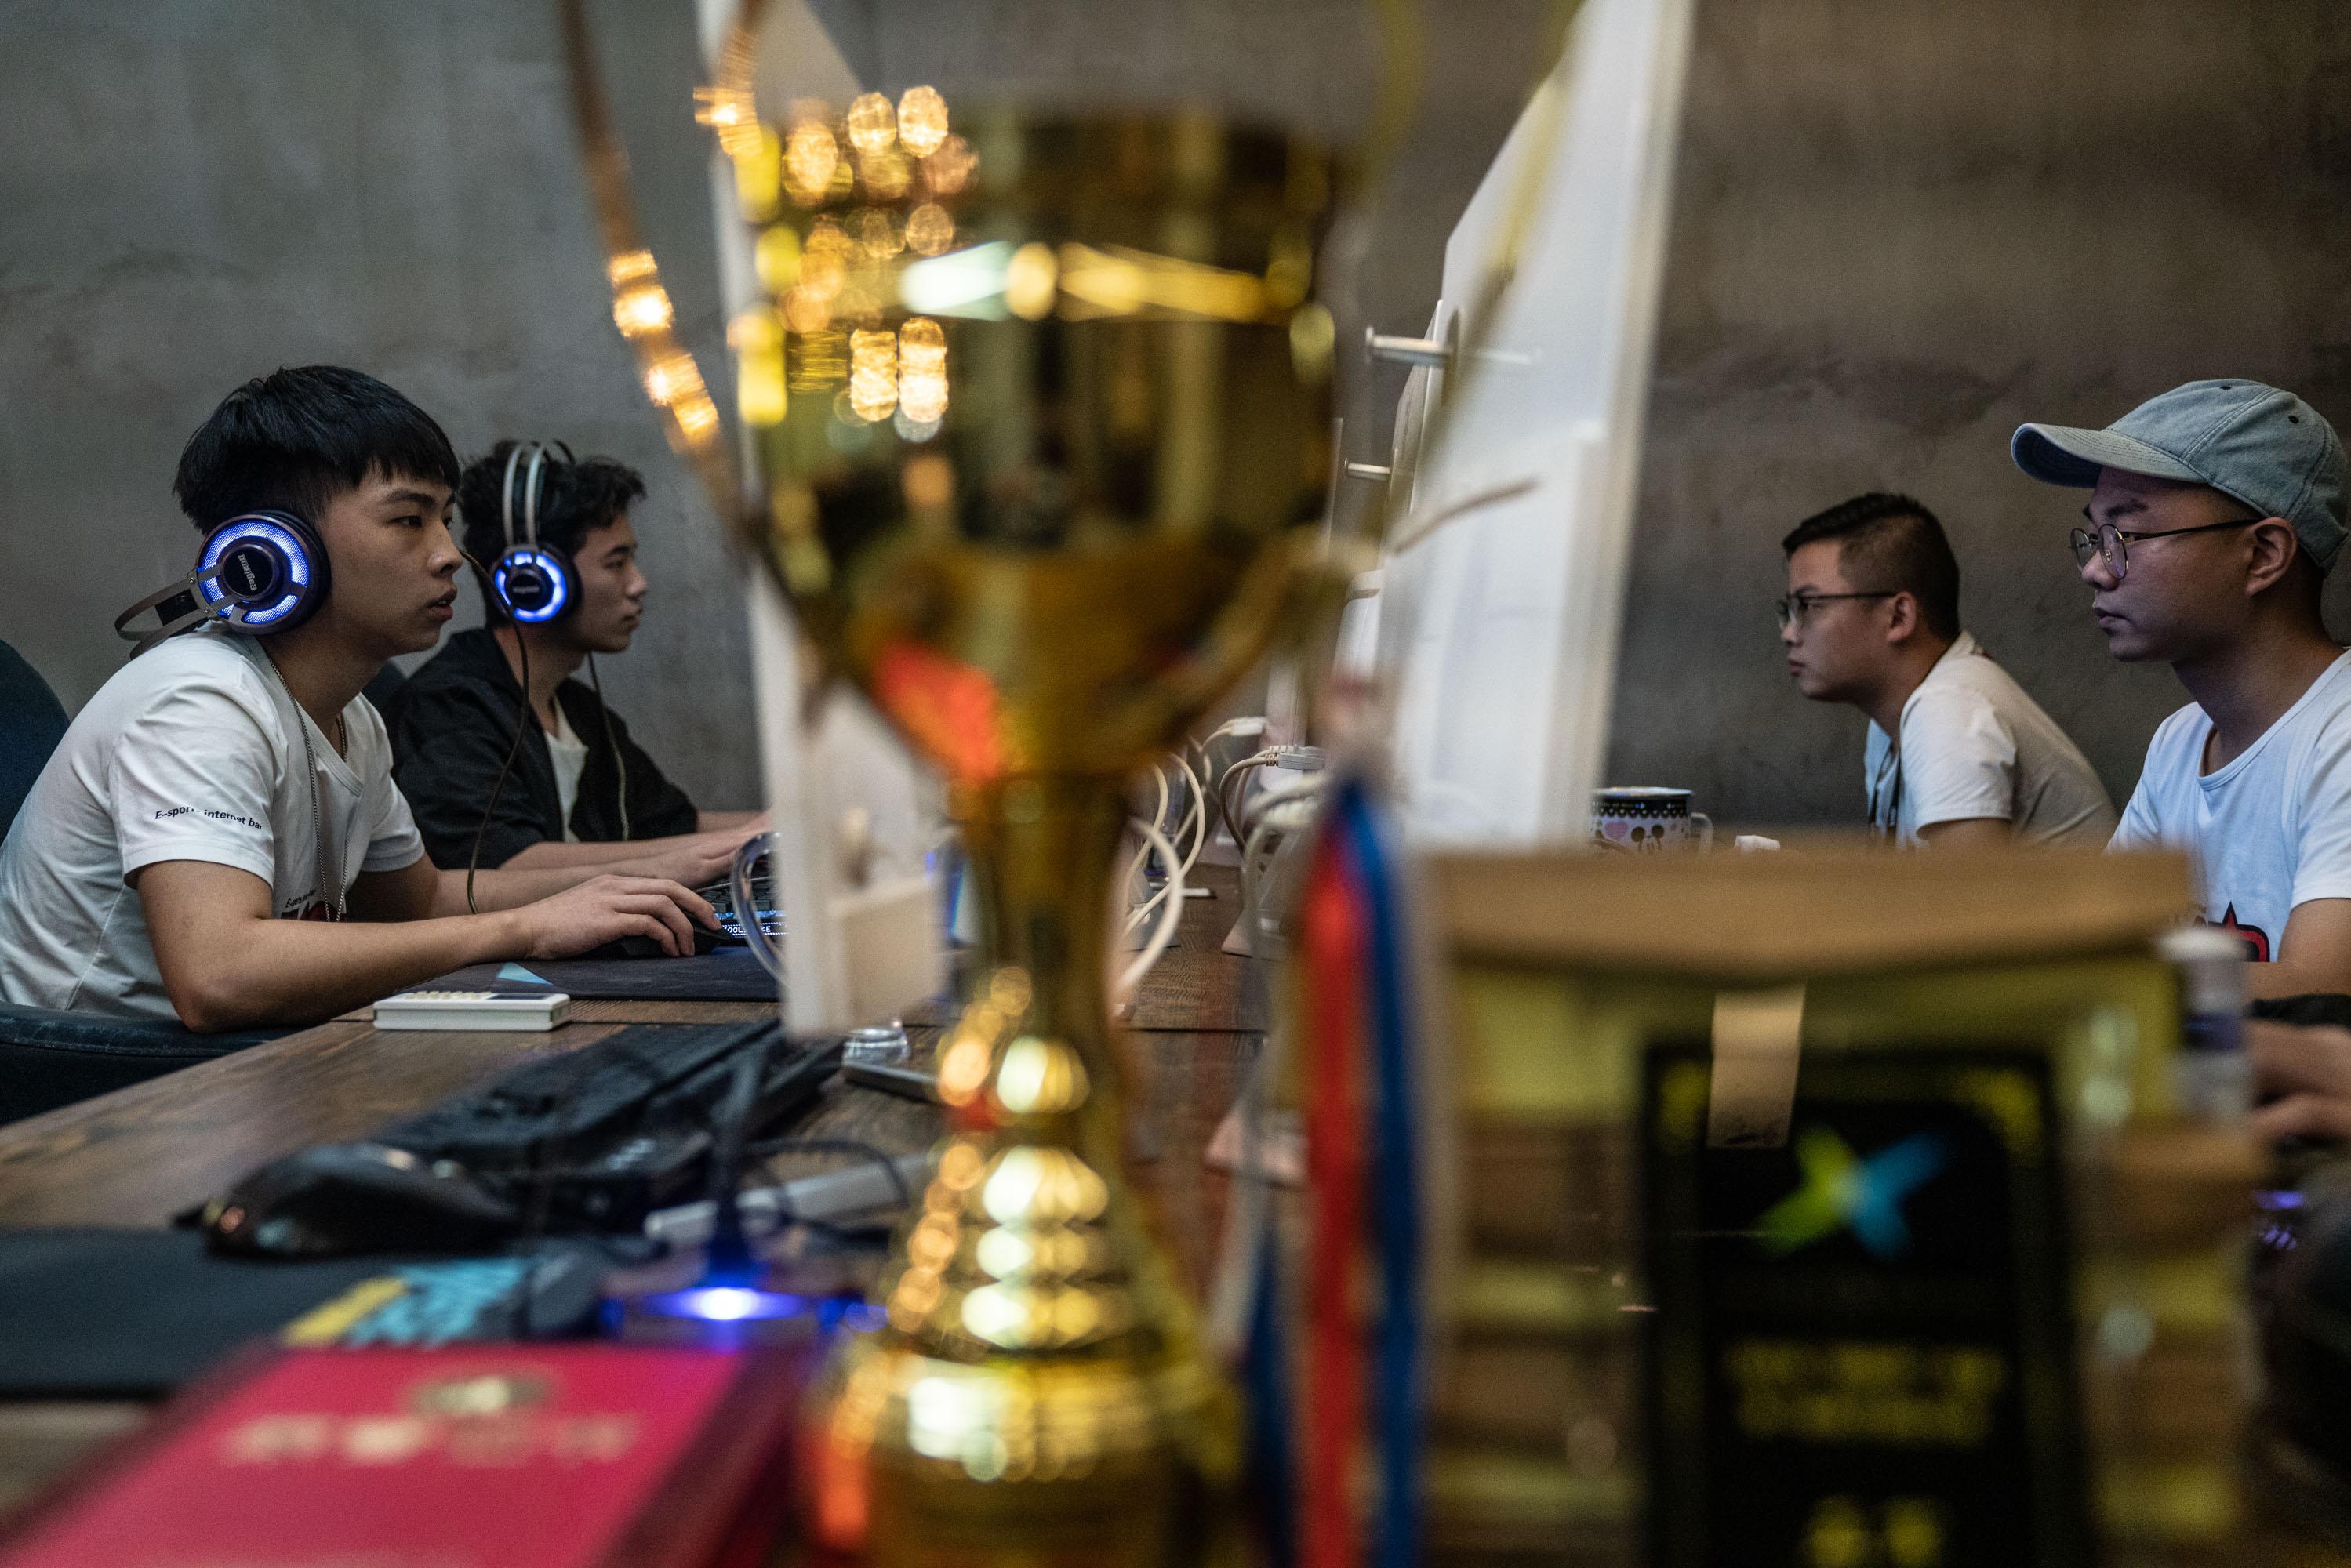 县城青年电竞梦:从拨号上网到移动互联,网瘾少年变职业选手